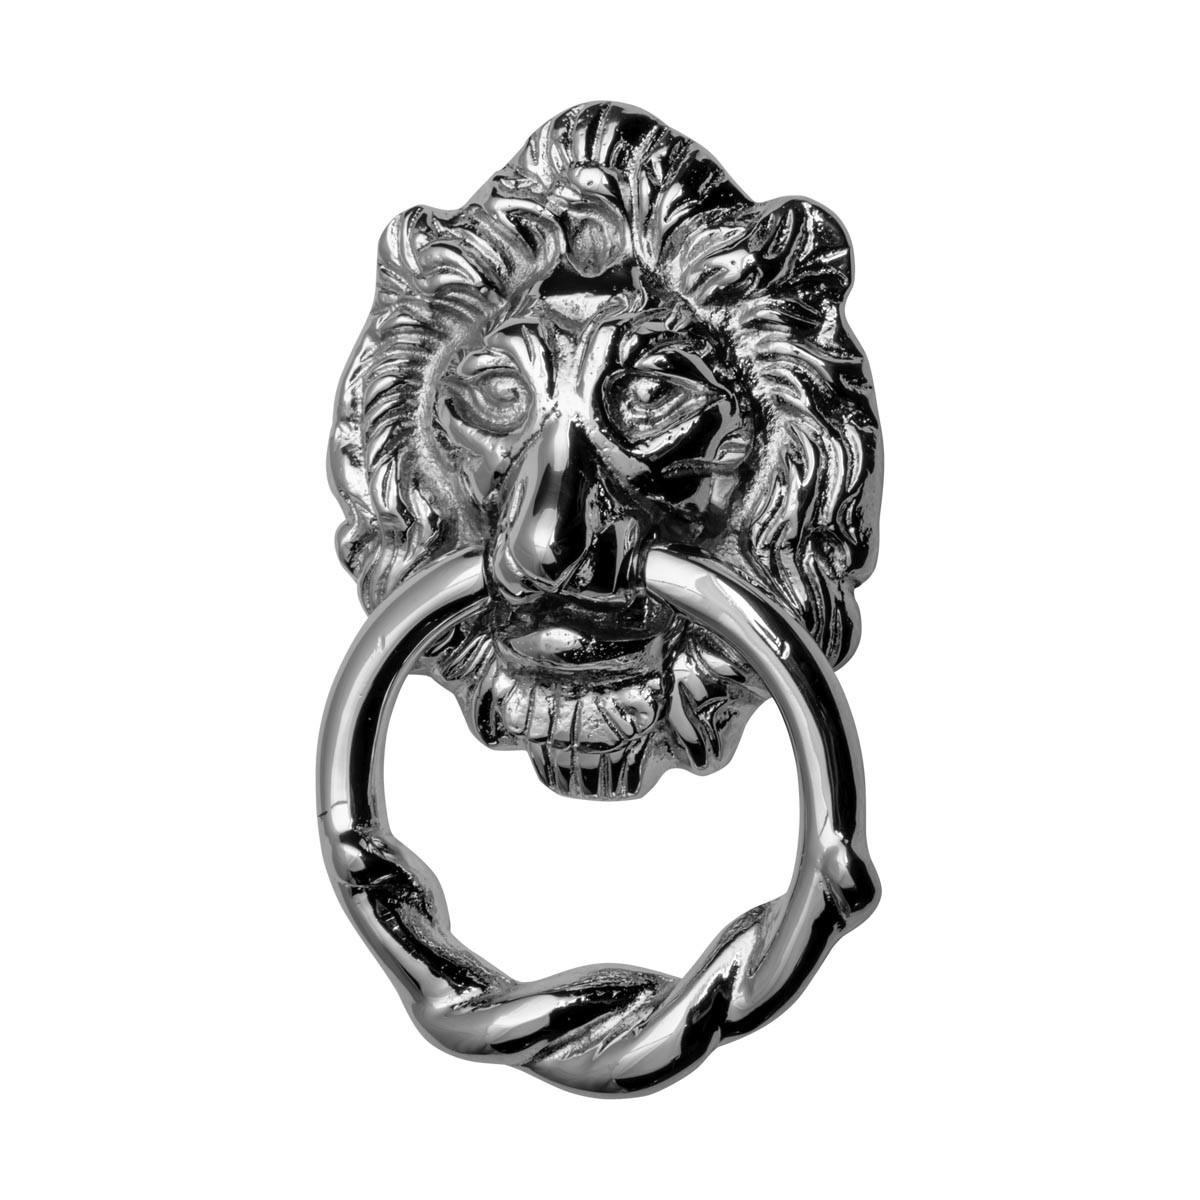 Large Chrome Cast Brass Lion Head Door Knocker 6 14 Inch X 3 58 Inch Lion Door Knocker Chrome Door Knockers Door Knockers For Front Door